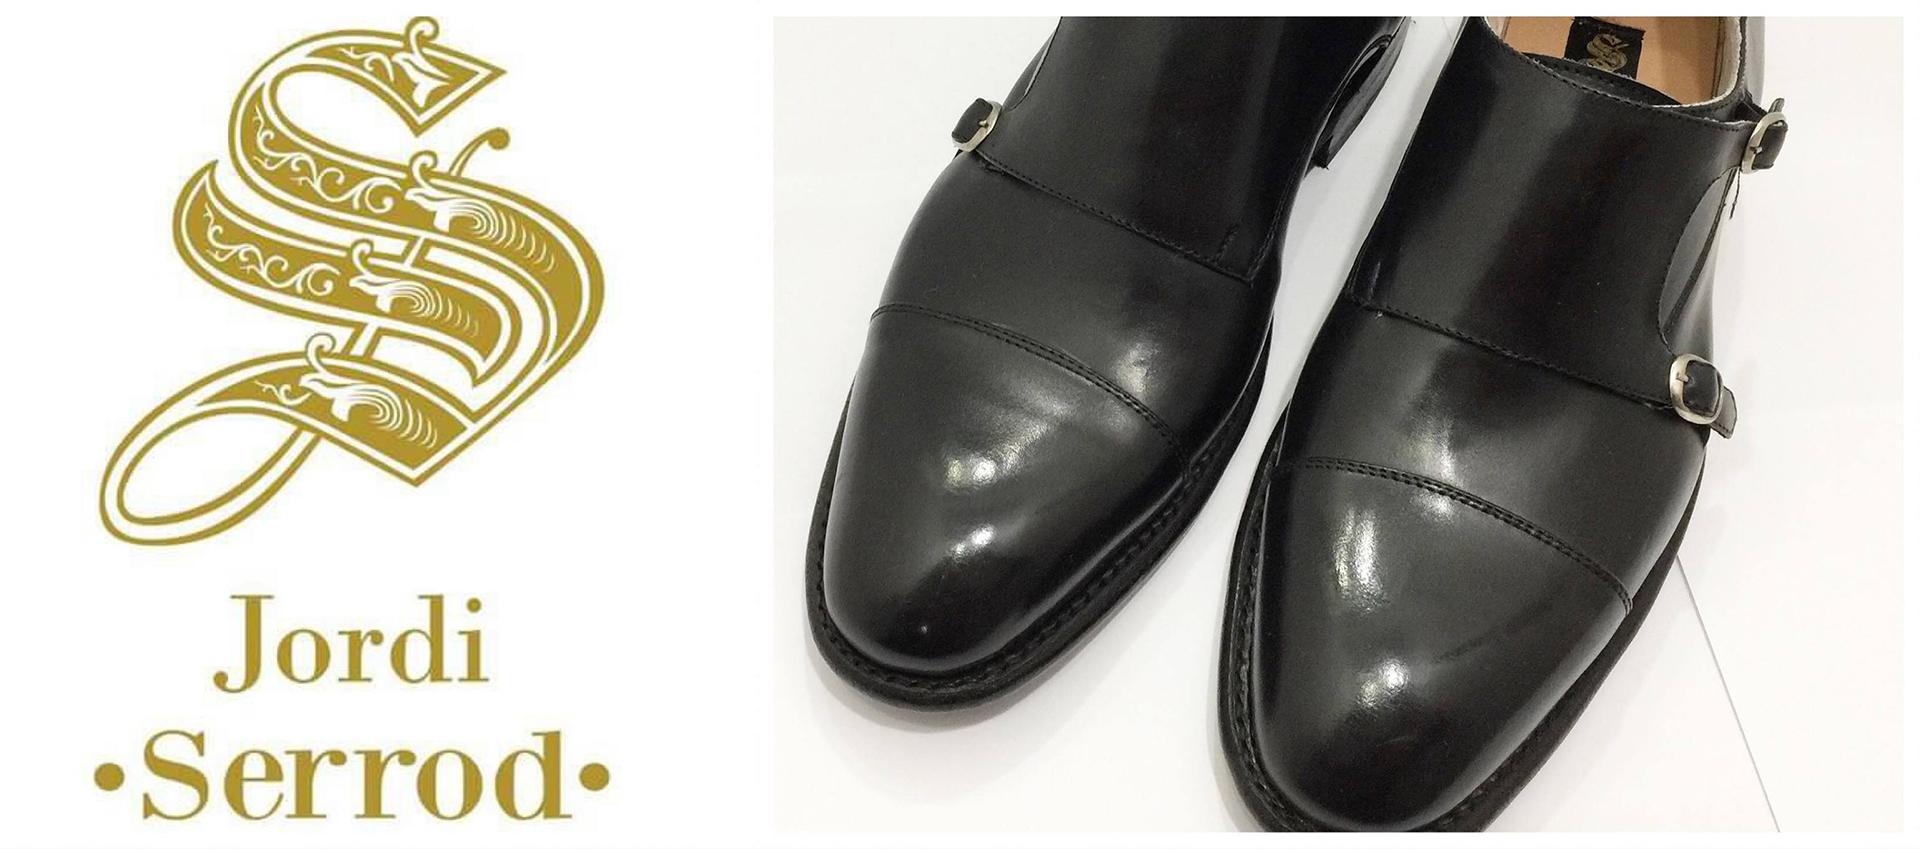 Jordi Serrod te invita a diseñar tus propios zapatos